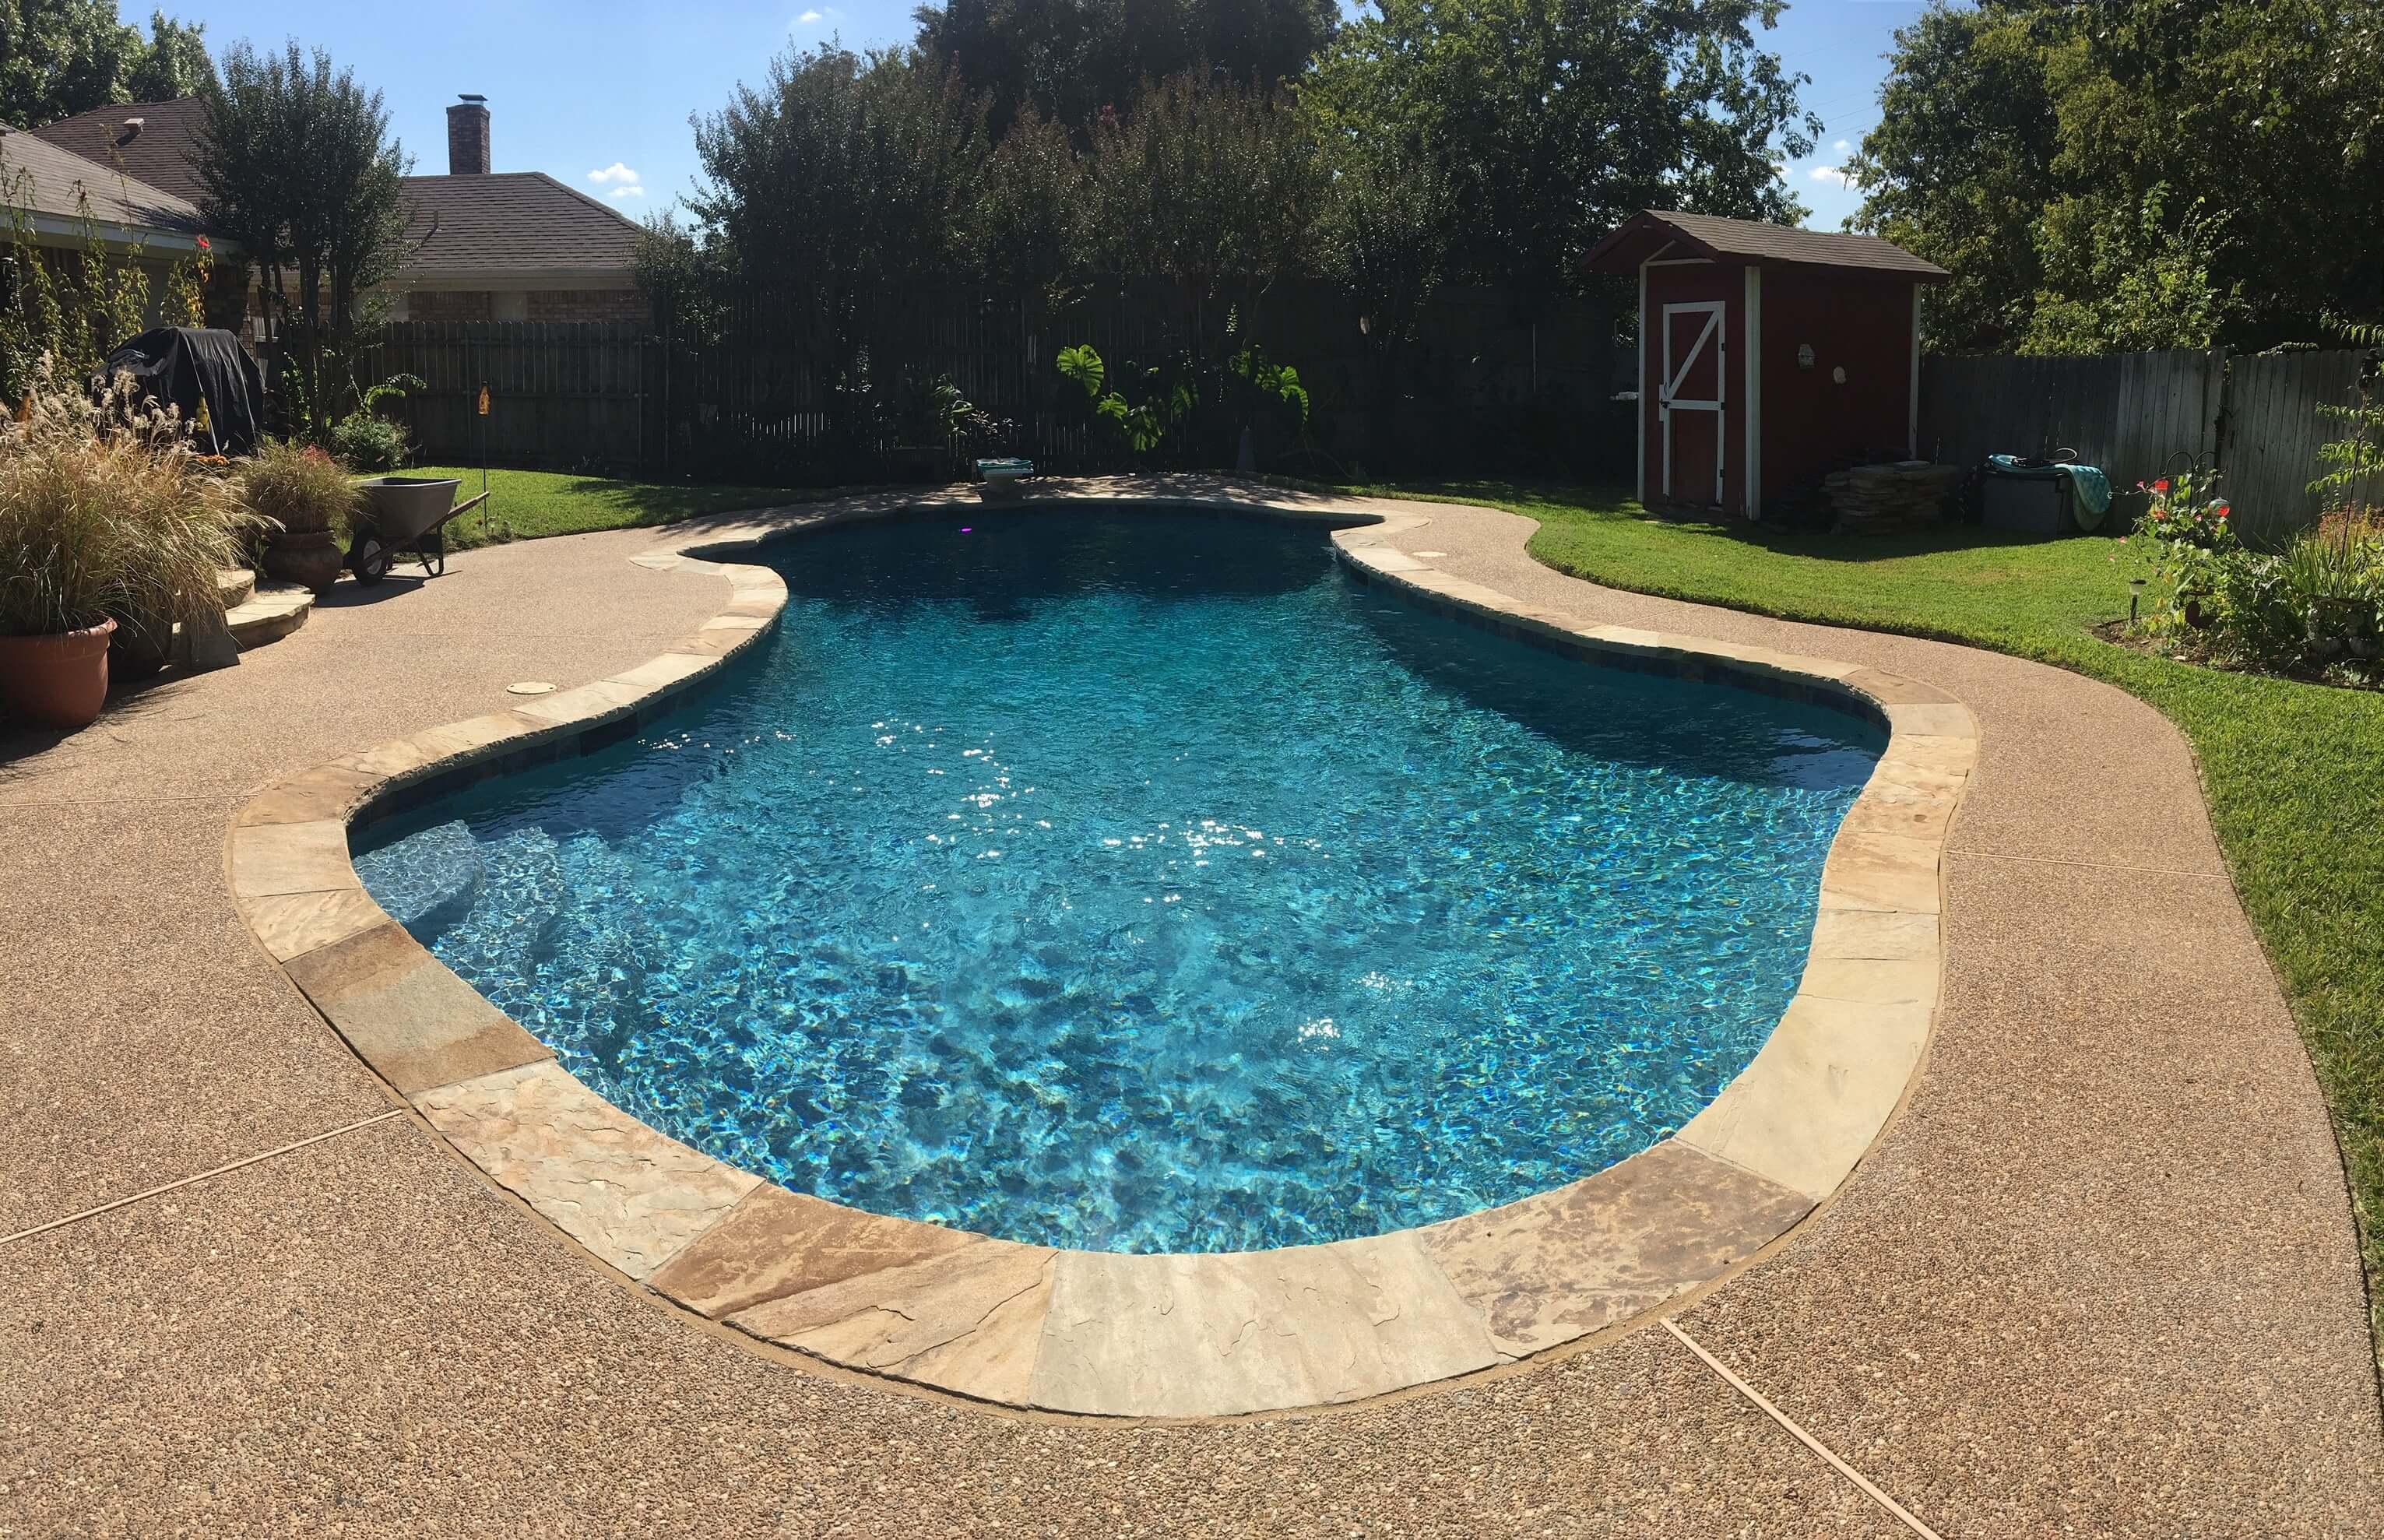 Crane after pool repair service